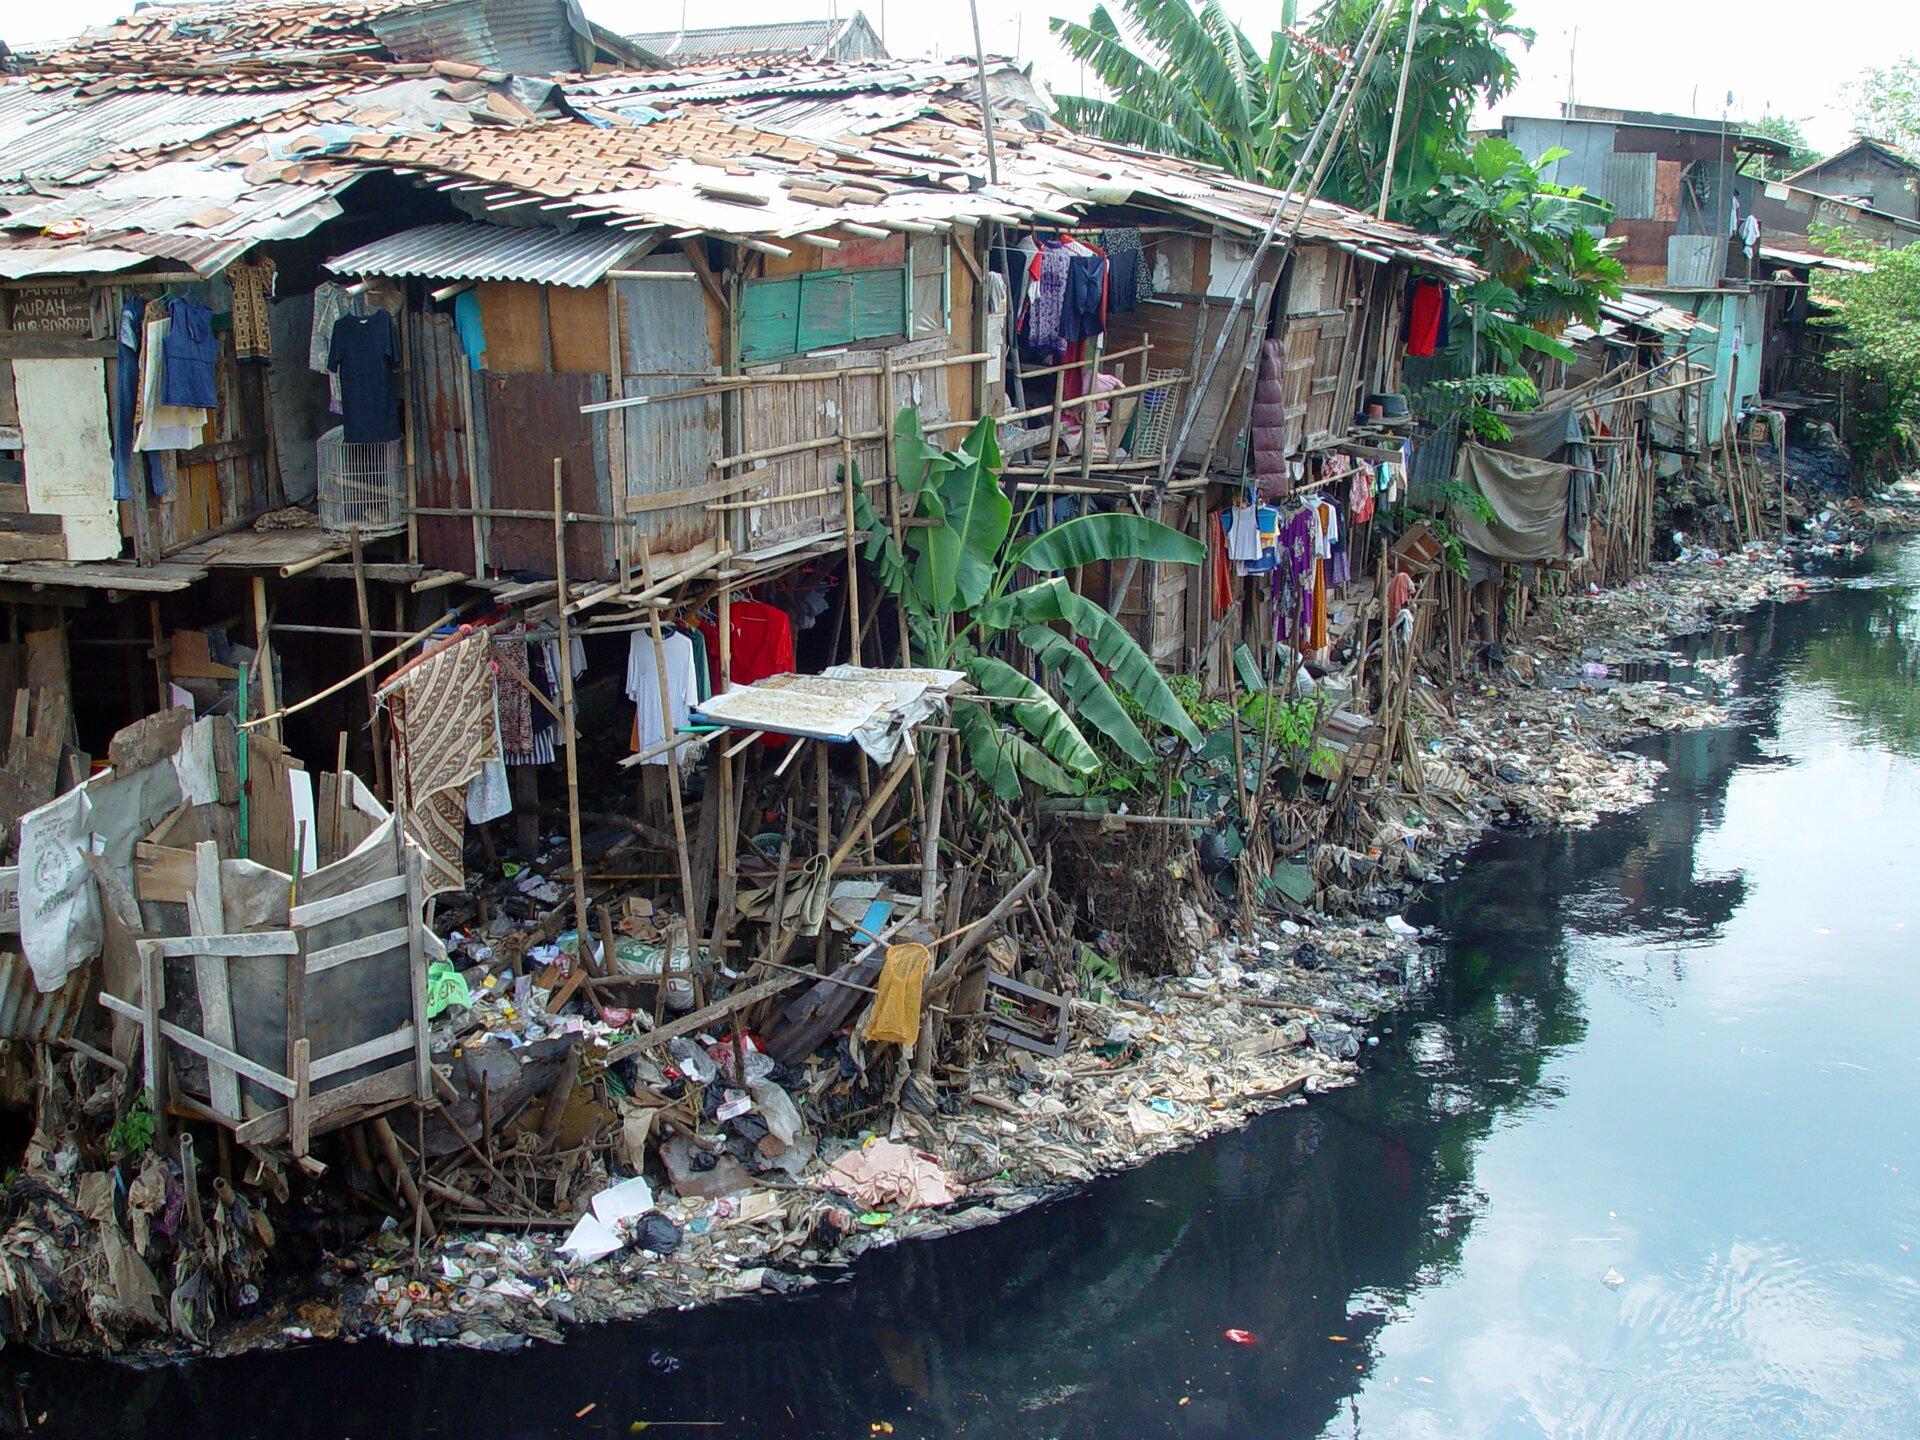 Slums zbudowany na bagnach. Źródło: Jonathan McIntosh, Slums zbudowany na bagnach. , licencja: CC BY 2.0.